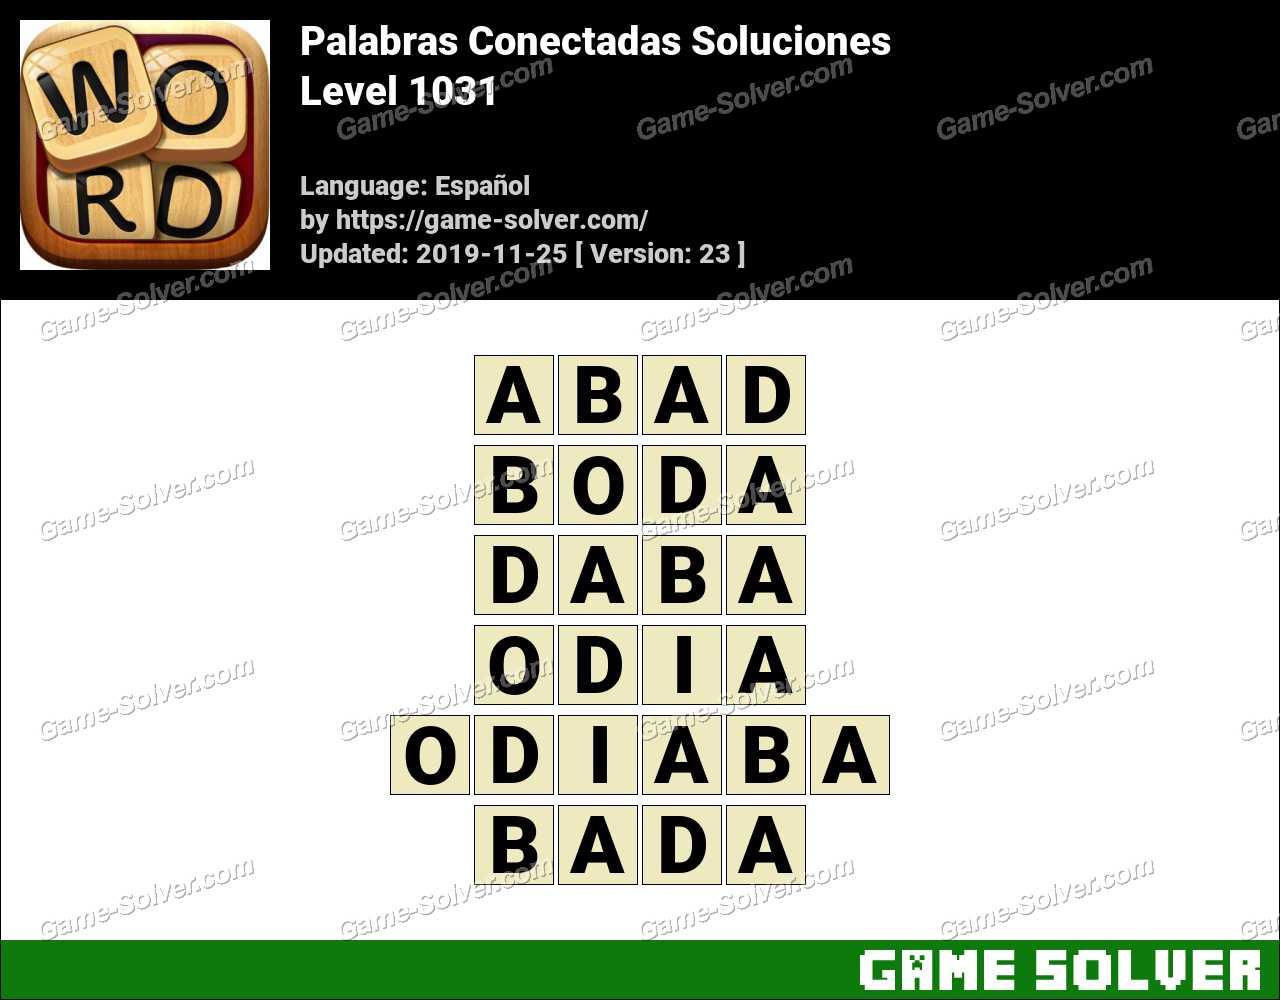 Palabras Conectadas Nivel 1031 Soluciones